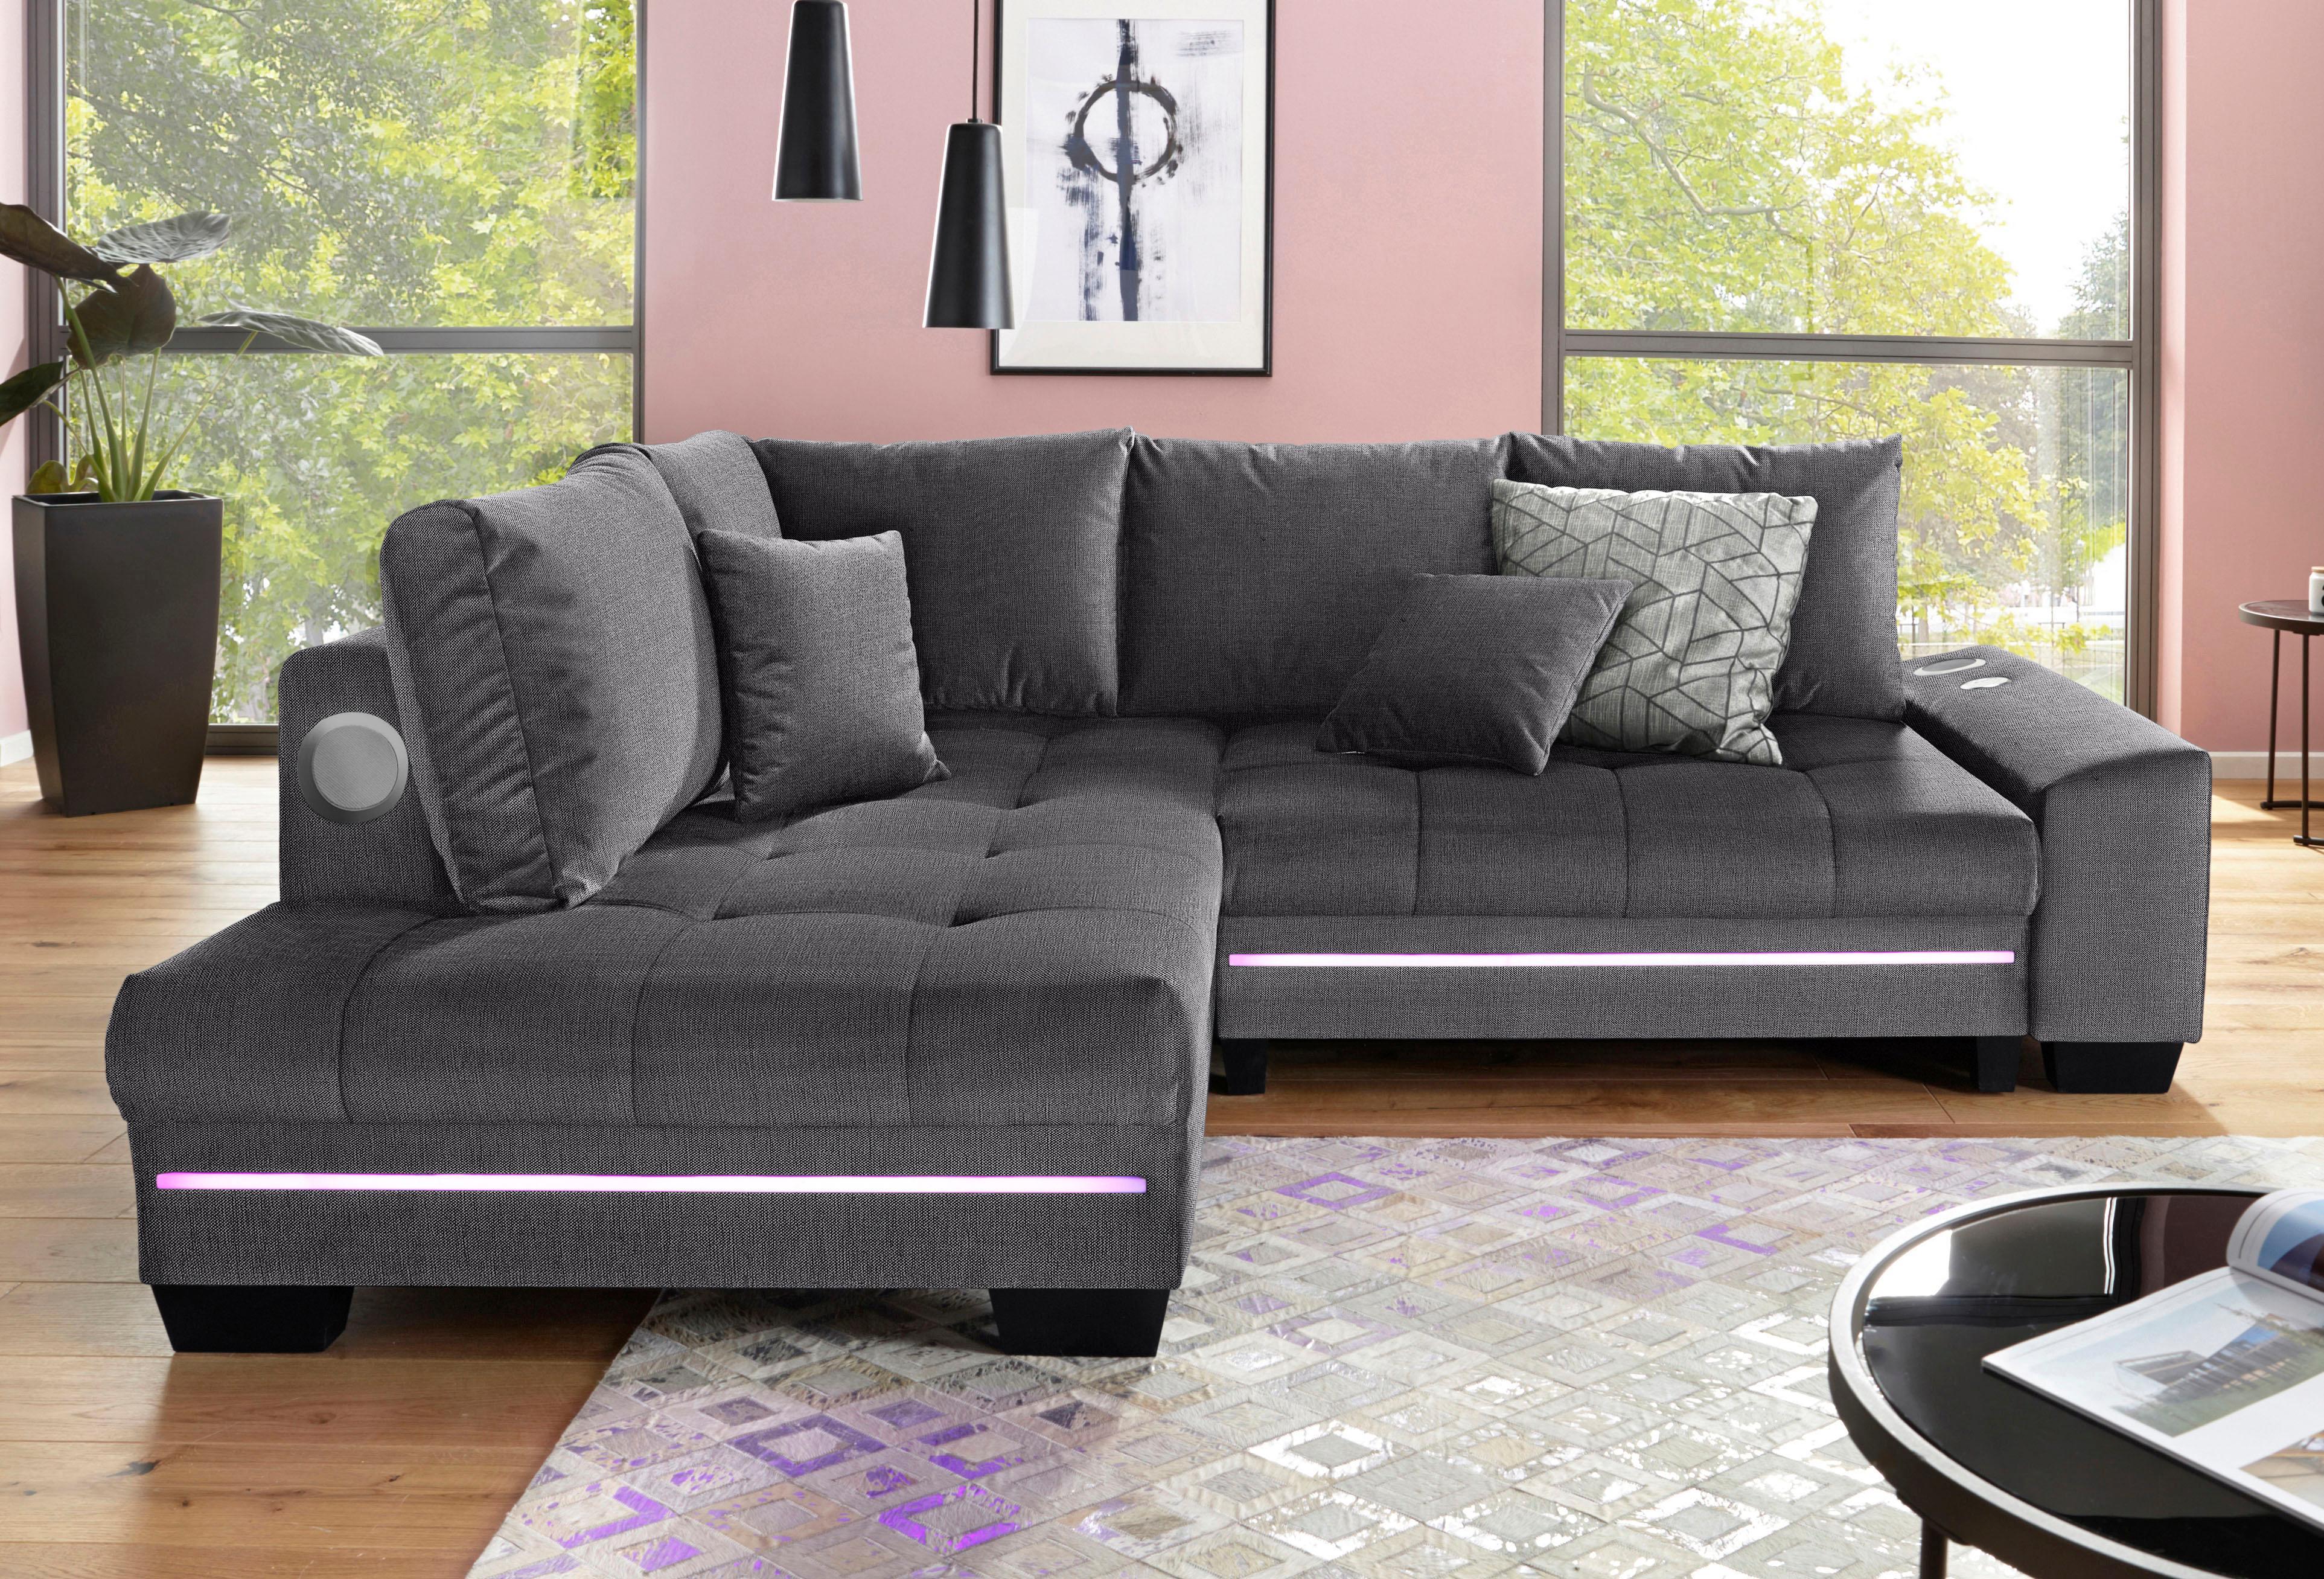 Verzauberkunst Sitzmöbel Wohnzimmer Foto Von Nova Via Polsterecke, Wahlweise Mit Bettfunktion